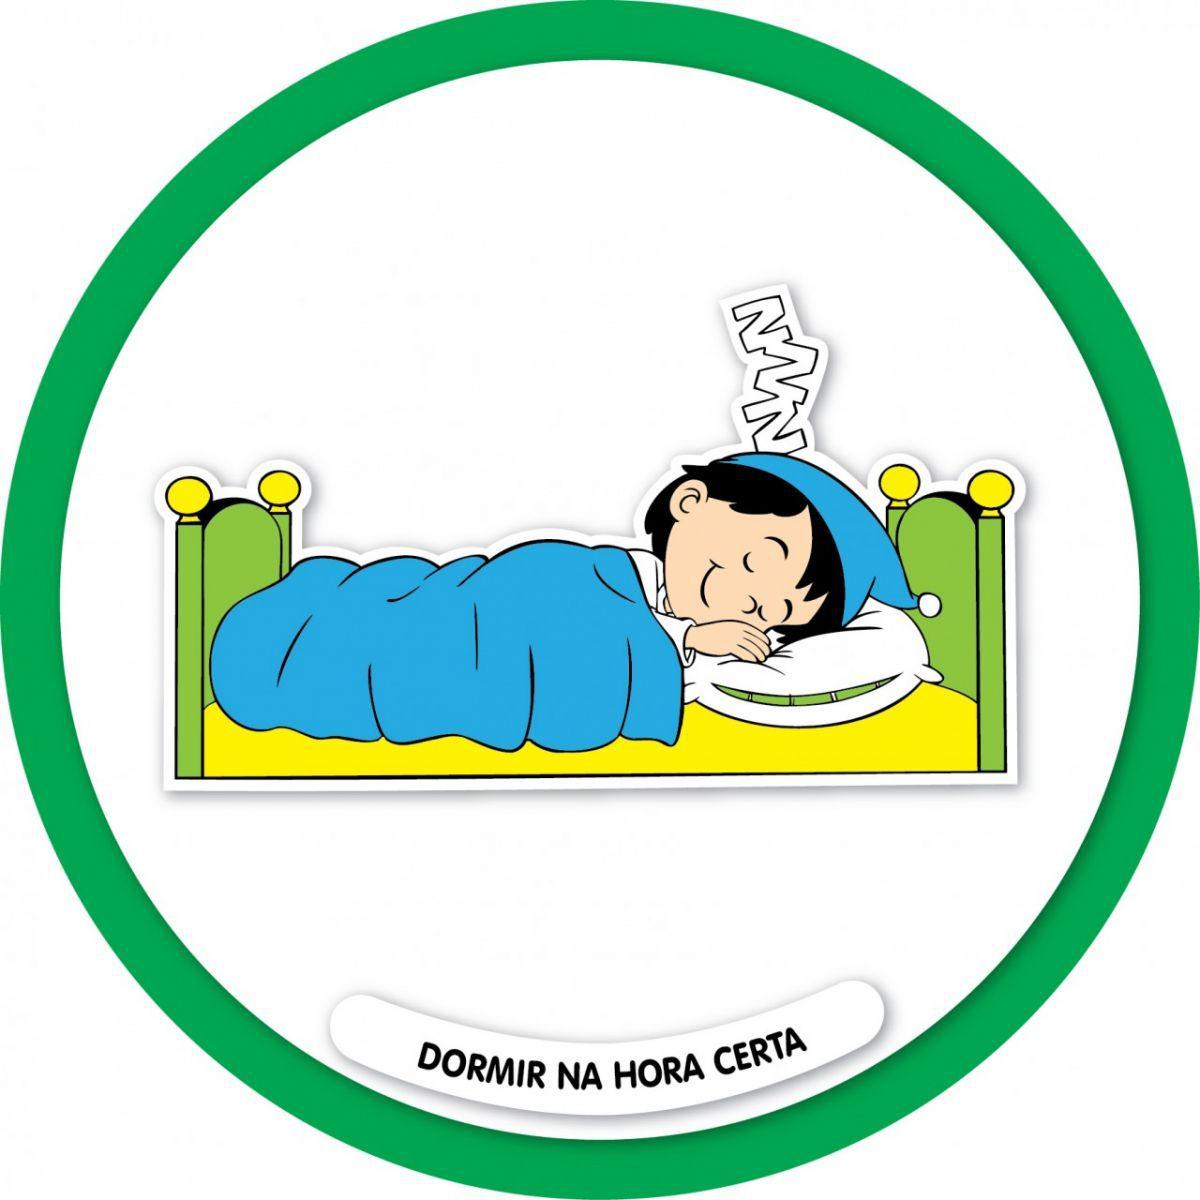 Placa Dormir na Hora Certa